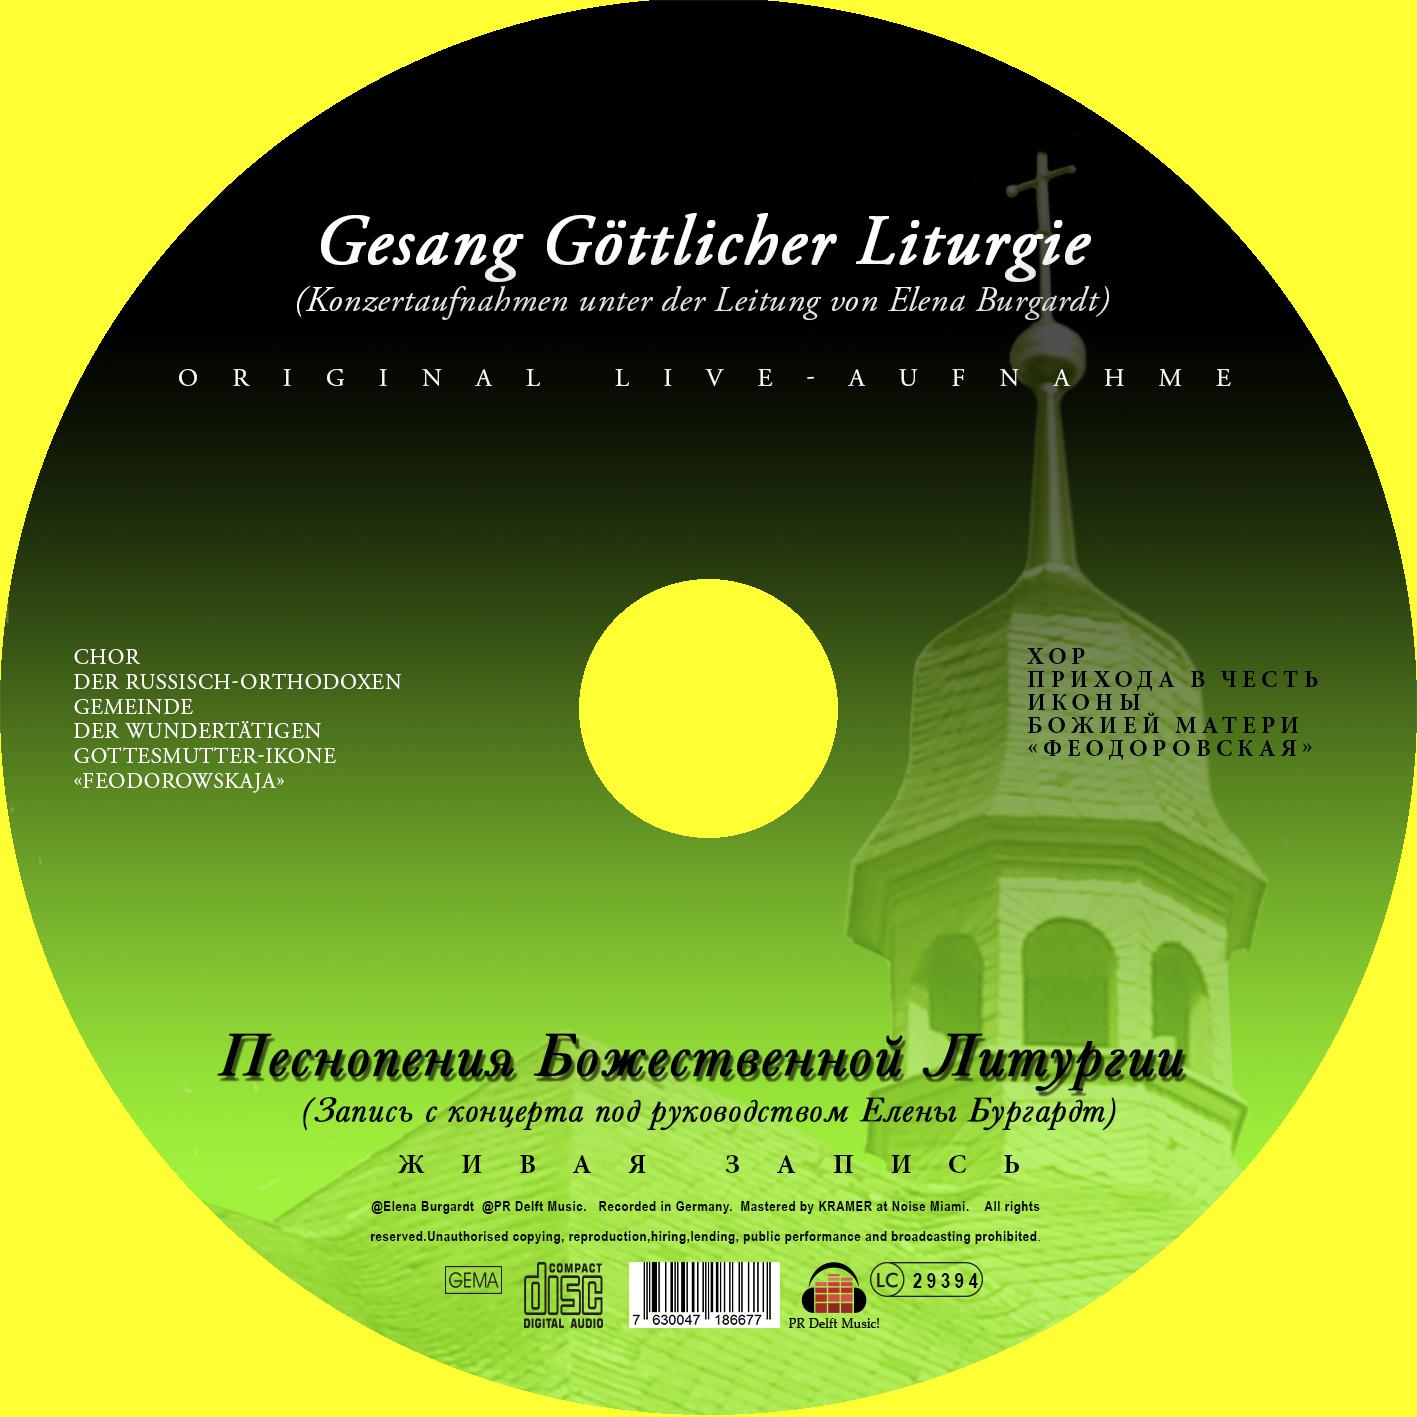 Gesang Göttliche Liturgie  (CD)